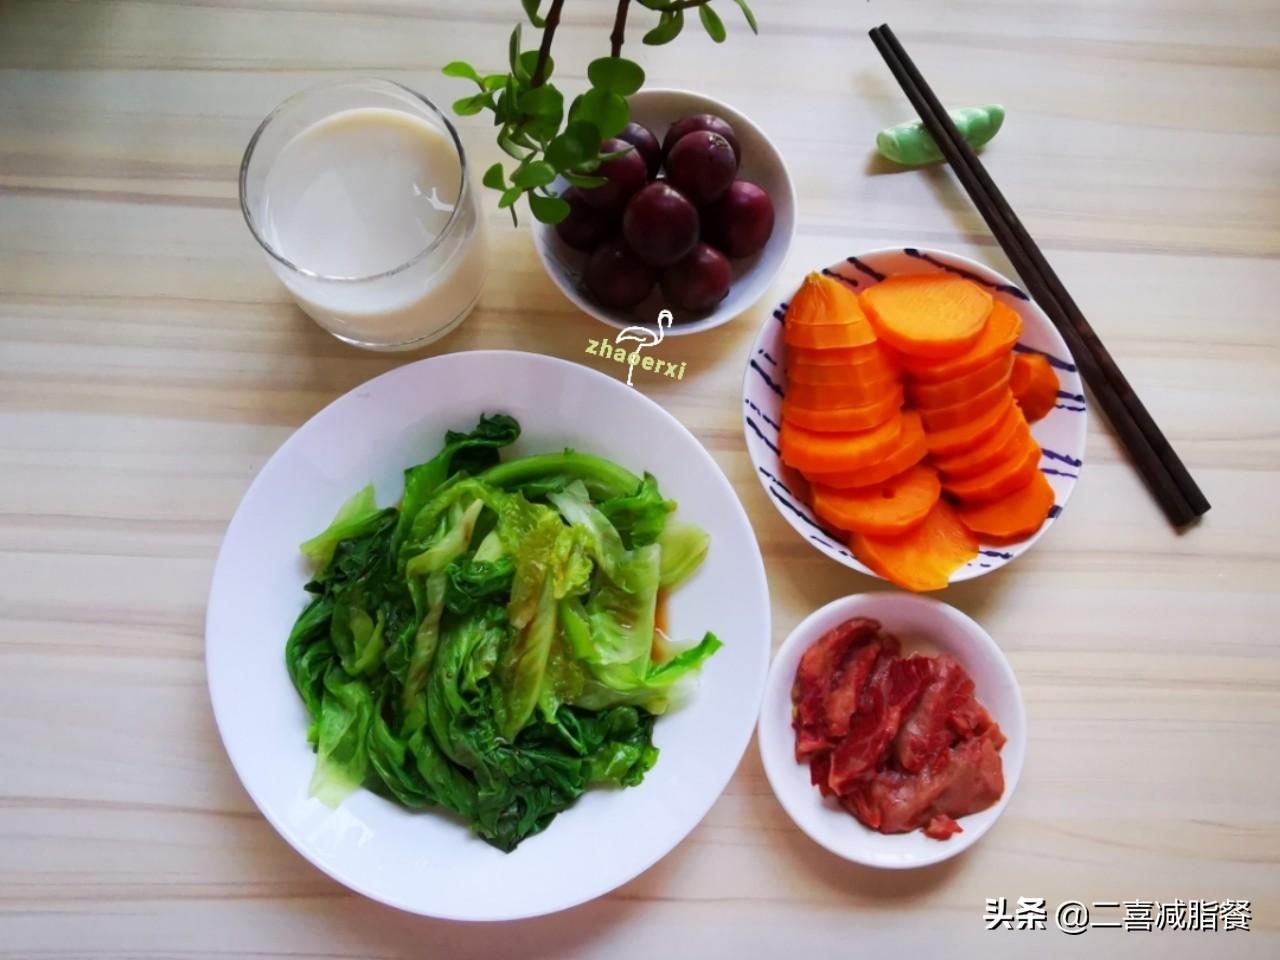 营养师7天的减脂早餐 减肥菜谱 第1张